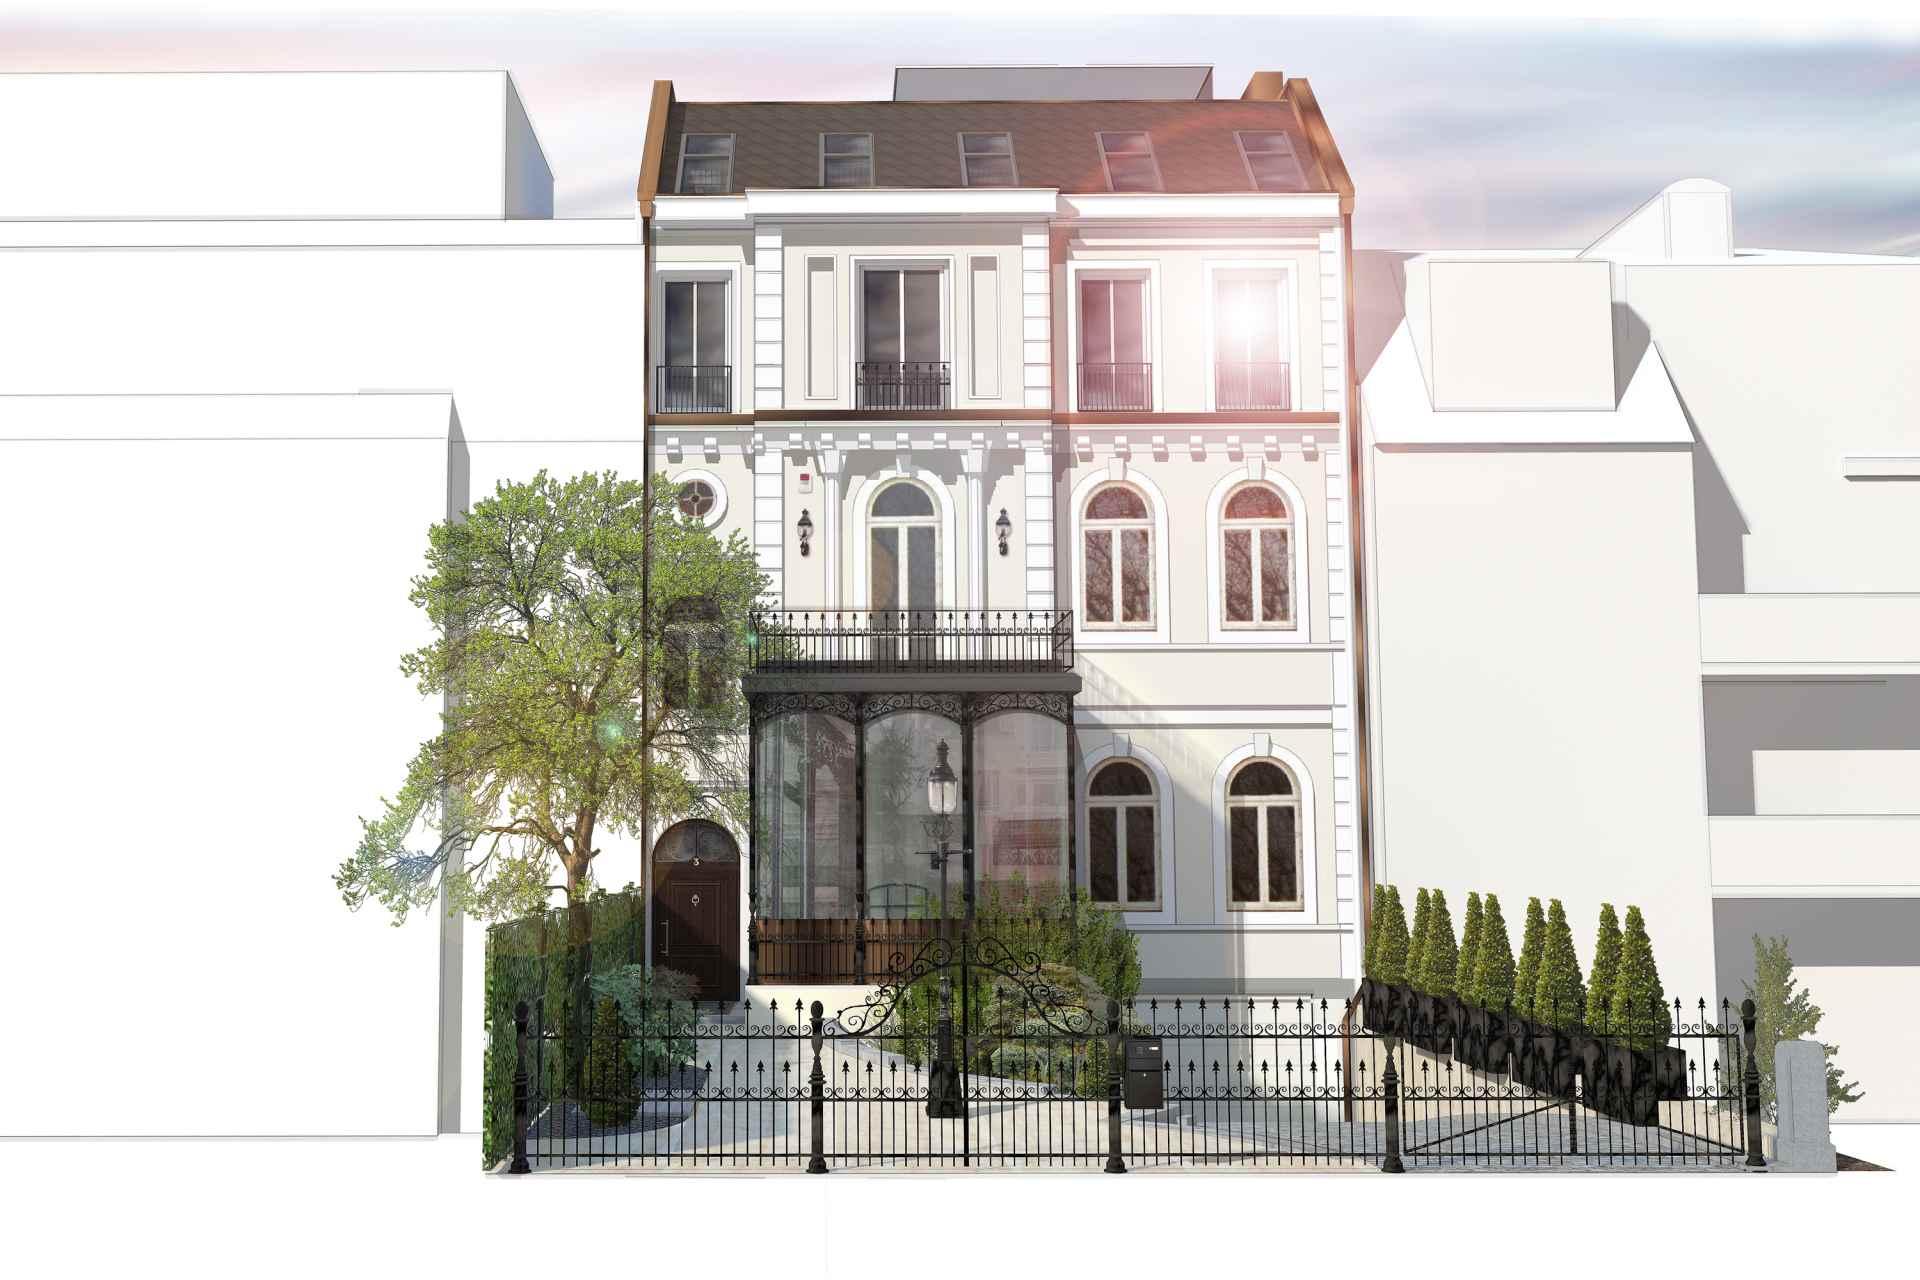 BAR (Wohnbauten + Umbau und Sanierung) Stadtvilla anno 1870